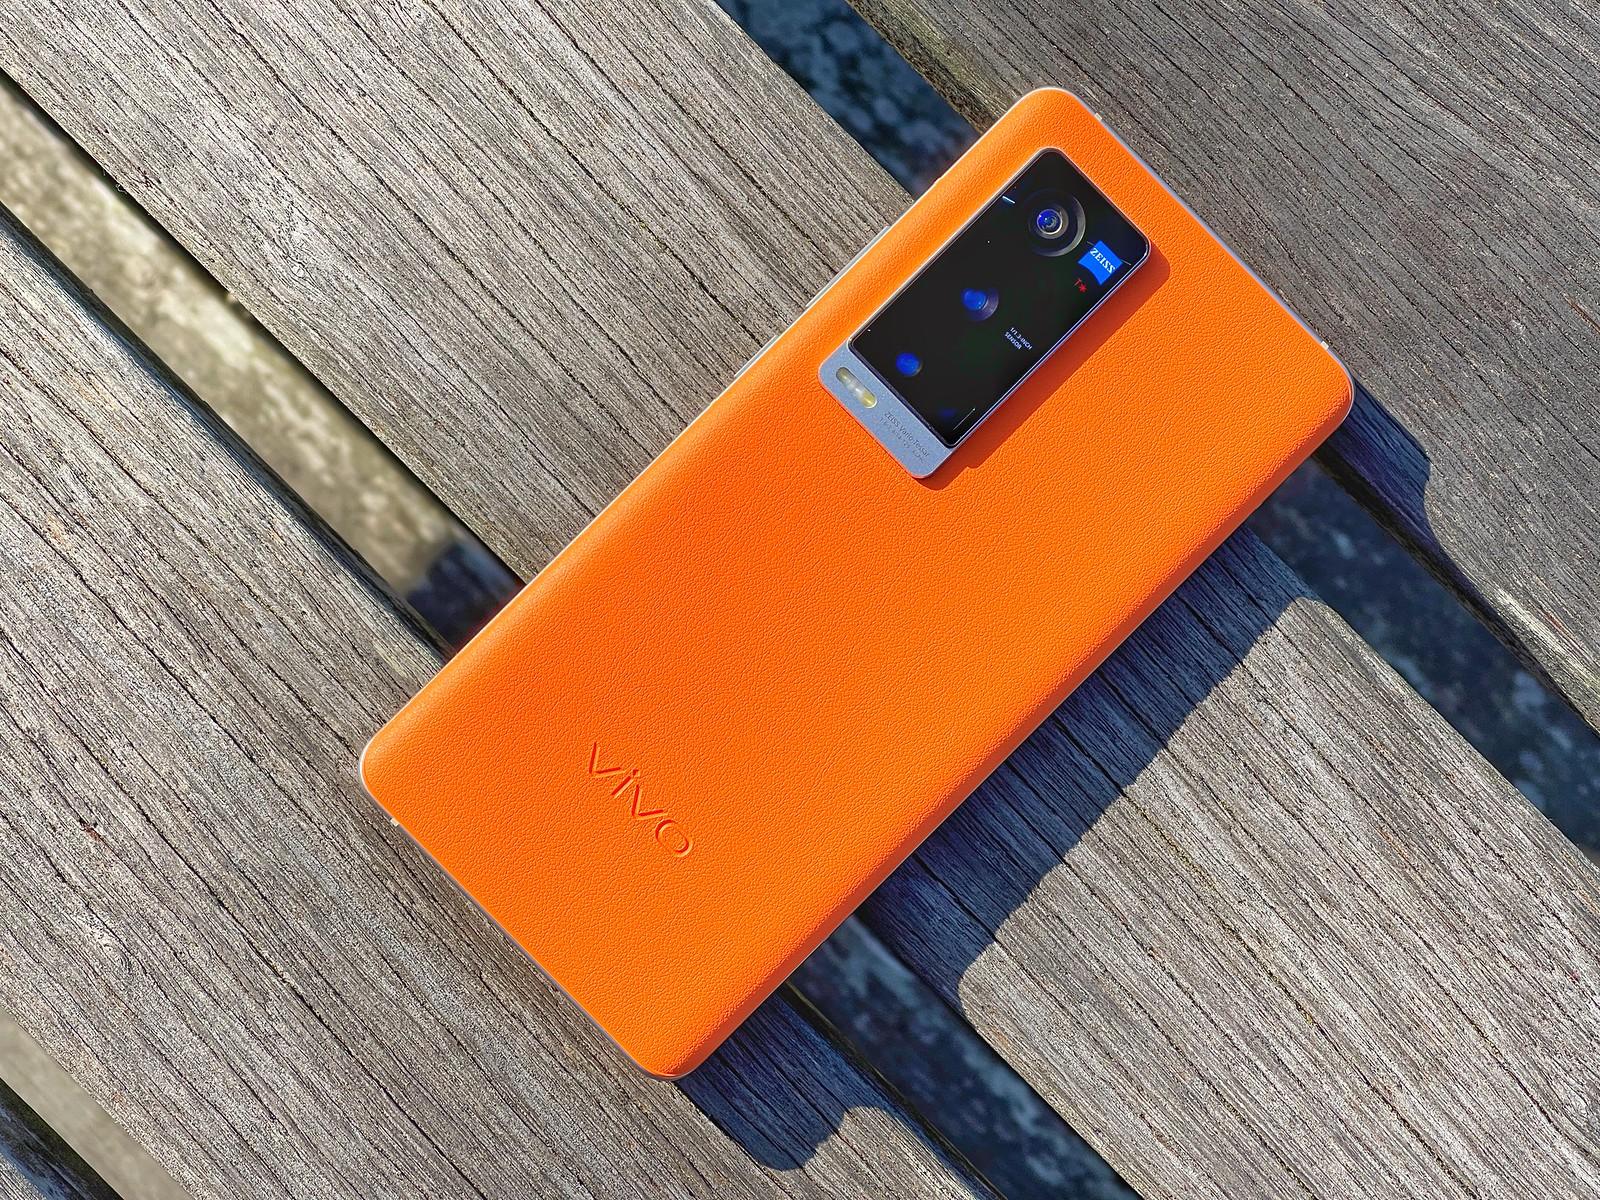 Vivo X60 Pro+ 拍照深度開箱實測 – 2021最推薦的拍照旗艦手機、仍是不完美的完美 - 80